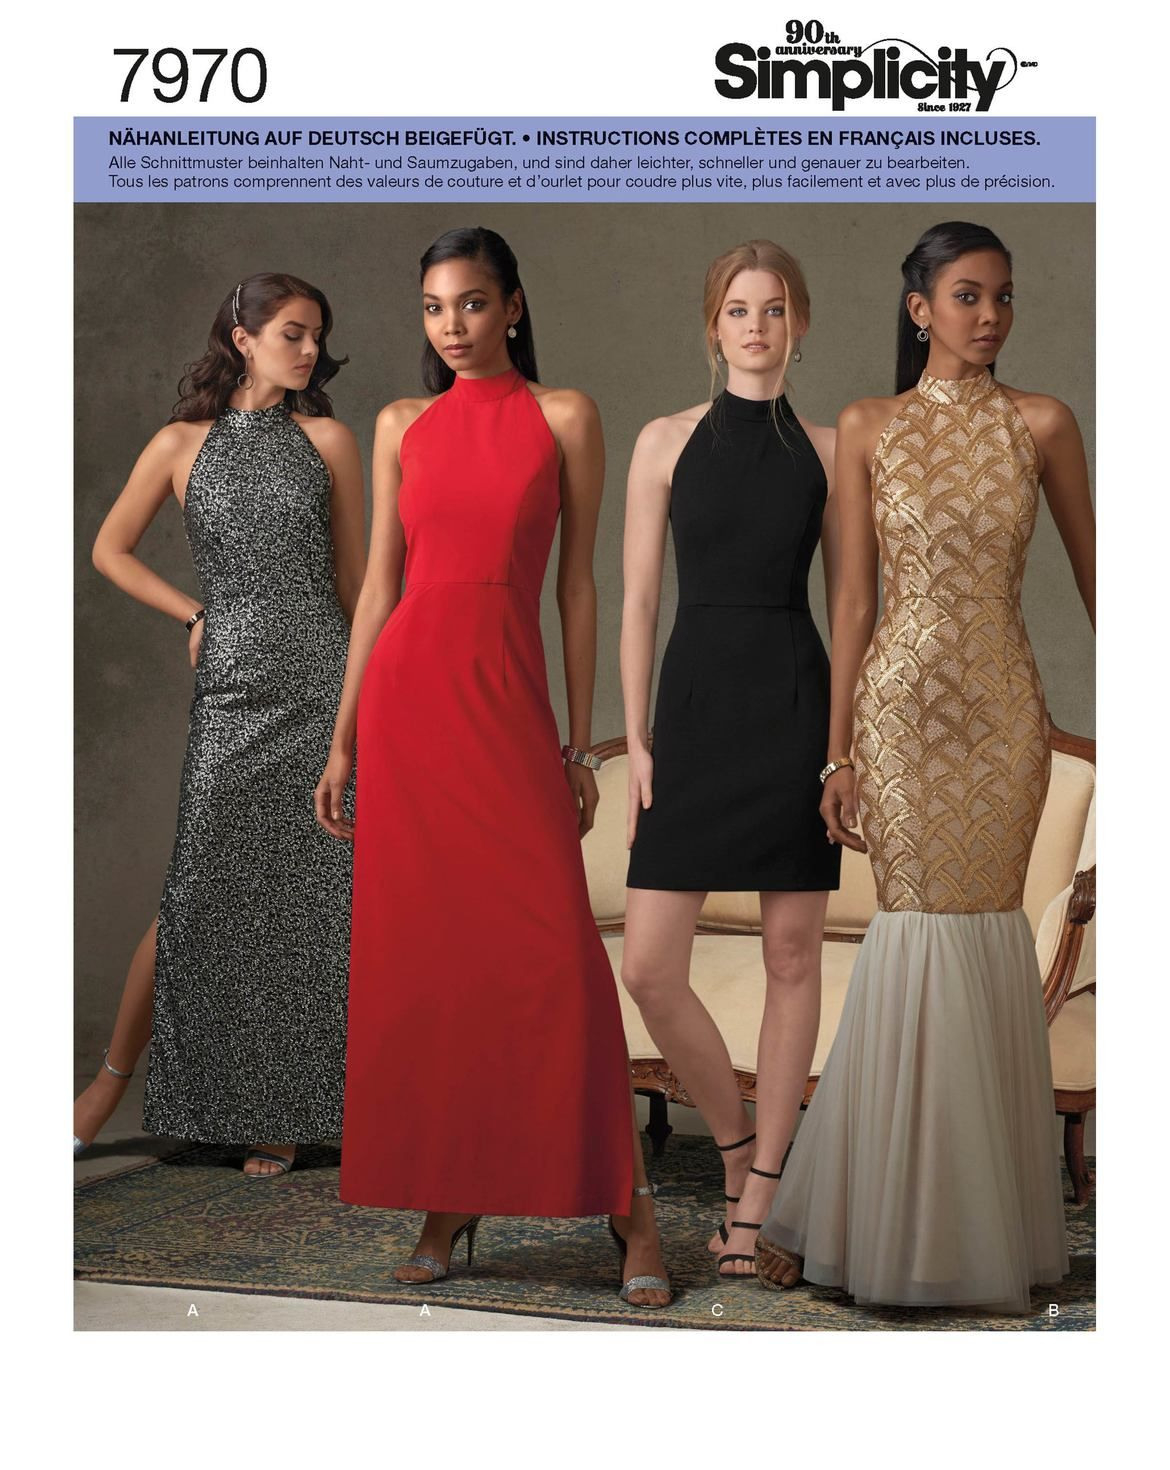 20 Fantastisch Festliche Kleider A Form VertriebDesigner Einfach Festliche Kleider A Form Galerie